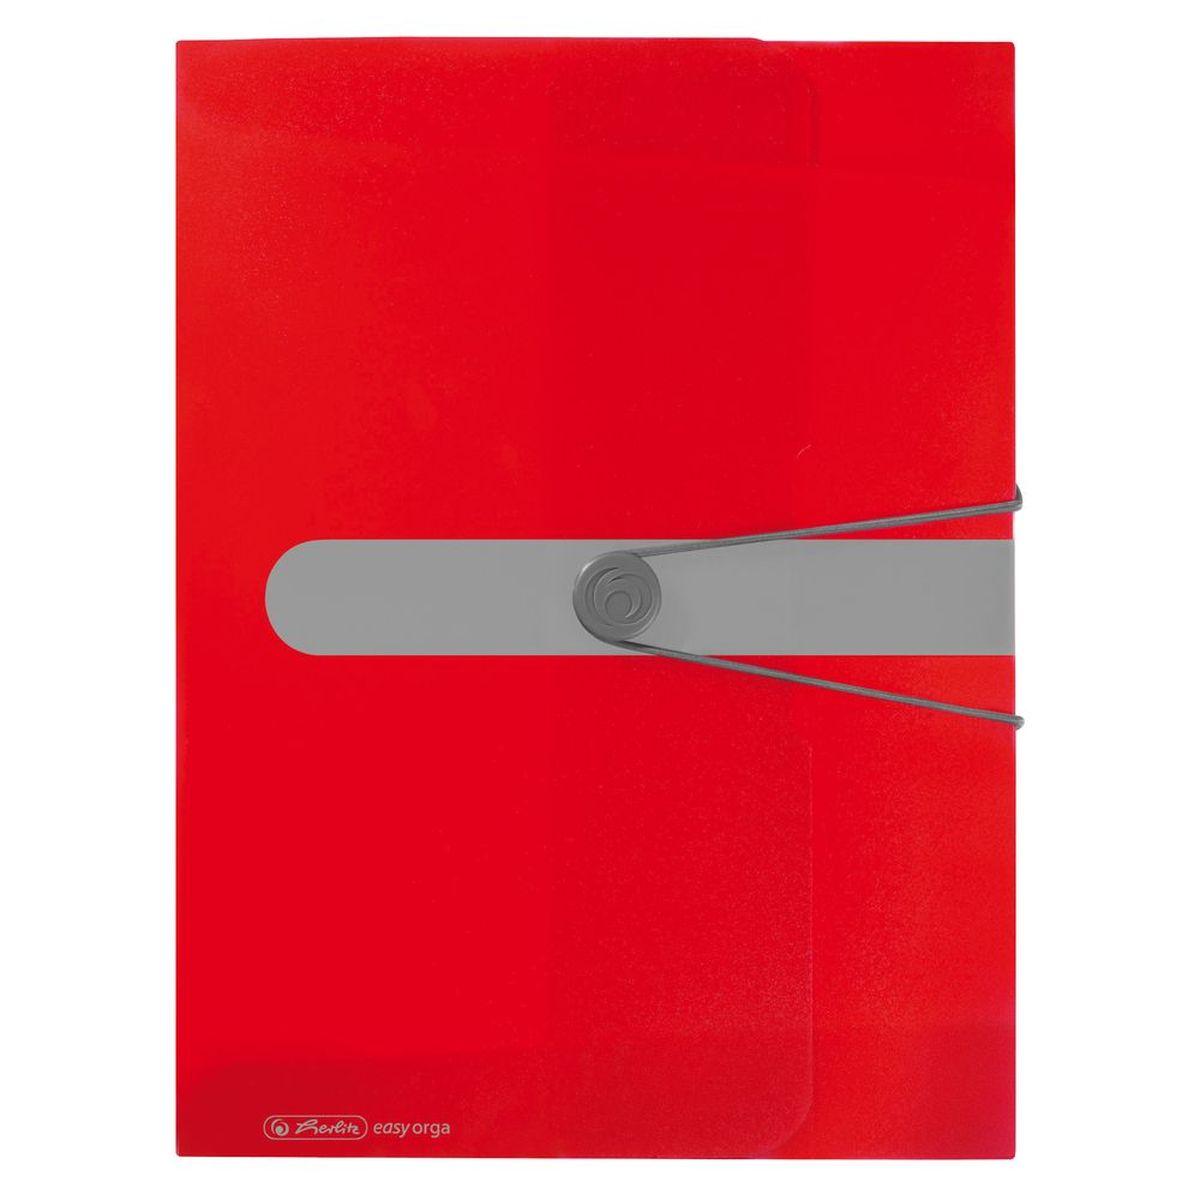 Herlitz Папка-конверт Easy orga to go цвет красныйFS-36054Папка-конверт Herlitz Easy orga to go станет вашим верным помощником дома и в офисе.Это удобный и функциональный инструмент, предназначенный для хранения и транспортировки больших объемов рабочих бумаг и документов формата А4. Папка изготовлена из износостойкого пластика и качественного полипропилена. Состоит из одного вместительного отделения. Закрывается папка при помощи резинки, а на корешке папки есть ярлычок.Папка - это незаменимый атрибут для любого студента, школьника или офисного работника. Такая папка надежно сохранит ваши бумаги и сбережет их от повреждений, пыли и влаги.